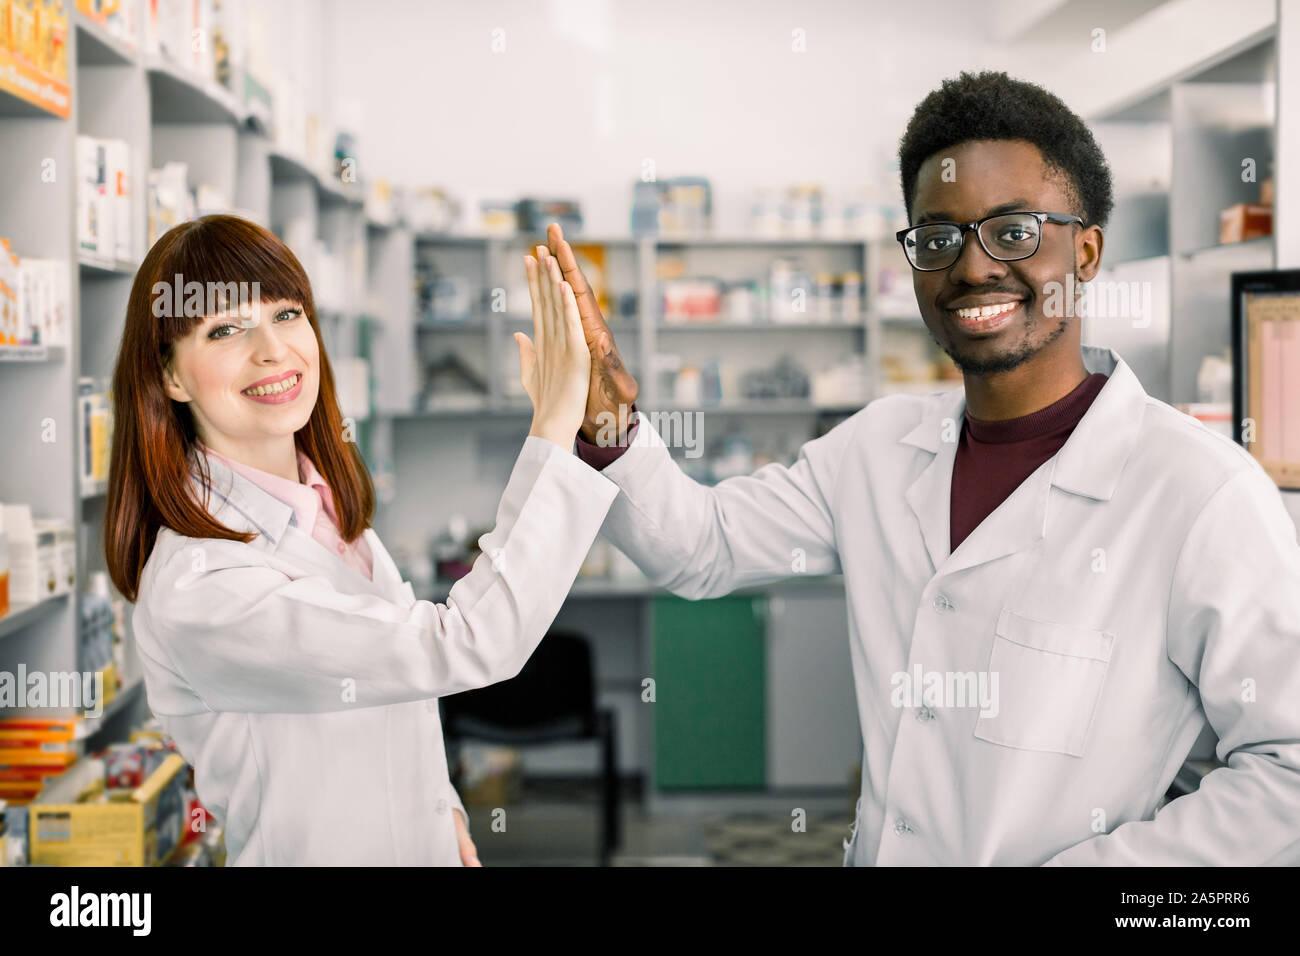 Dos farmacéuticos colleages feliz, hombre y mujer caucásica africanos trabajan en farmacia, sonriente, dando cinco y divertirse. Foto de stock